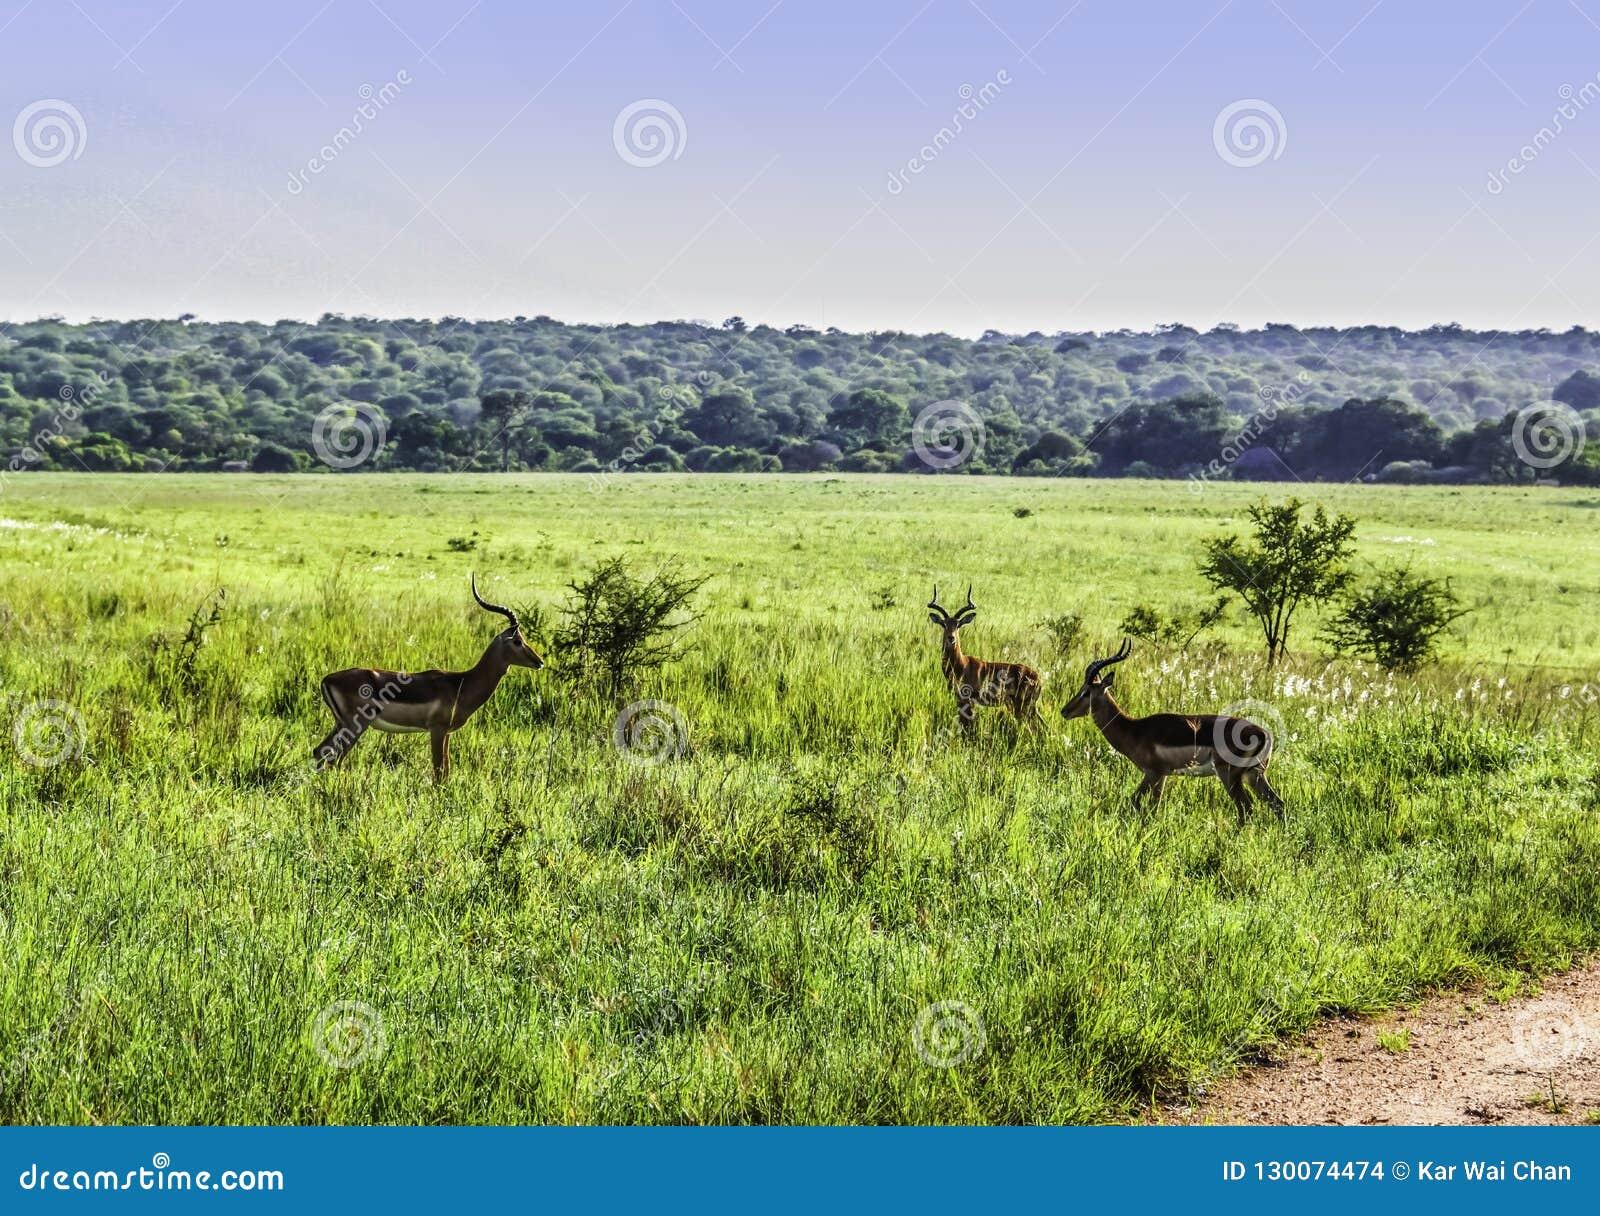 3 импалы холостяка смотрят на один другого на PA Kruger национальном